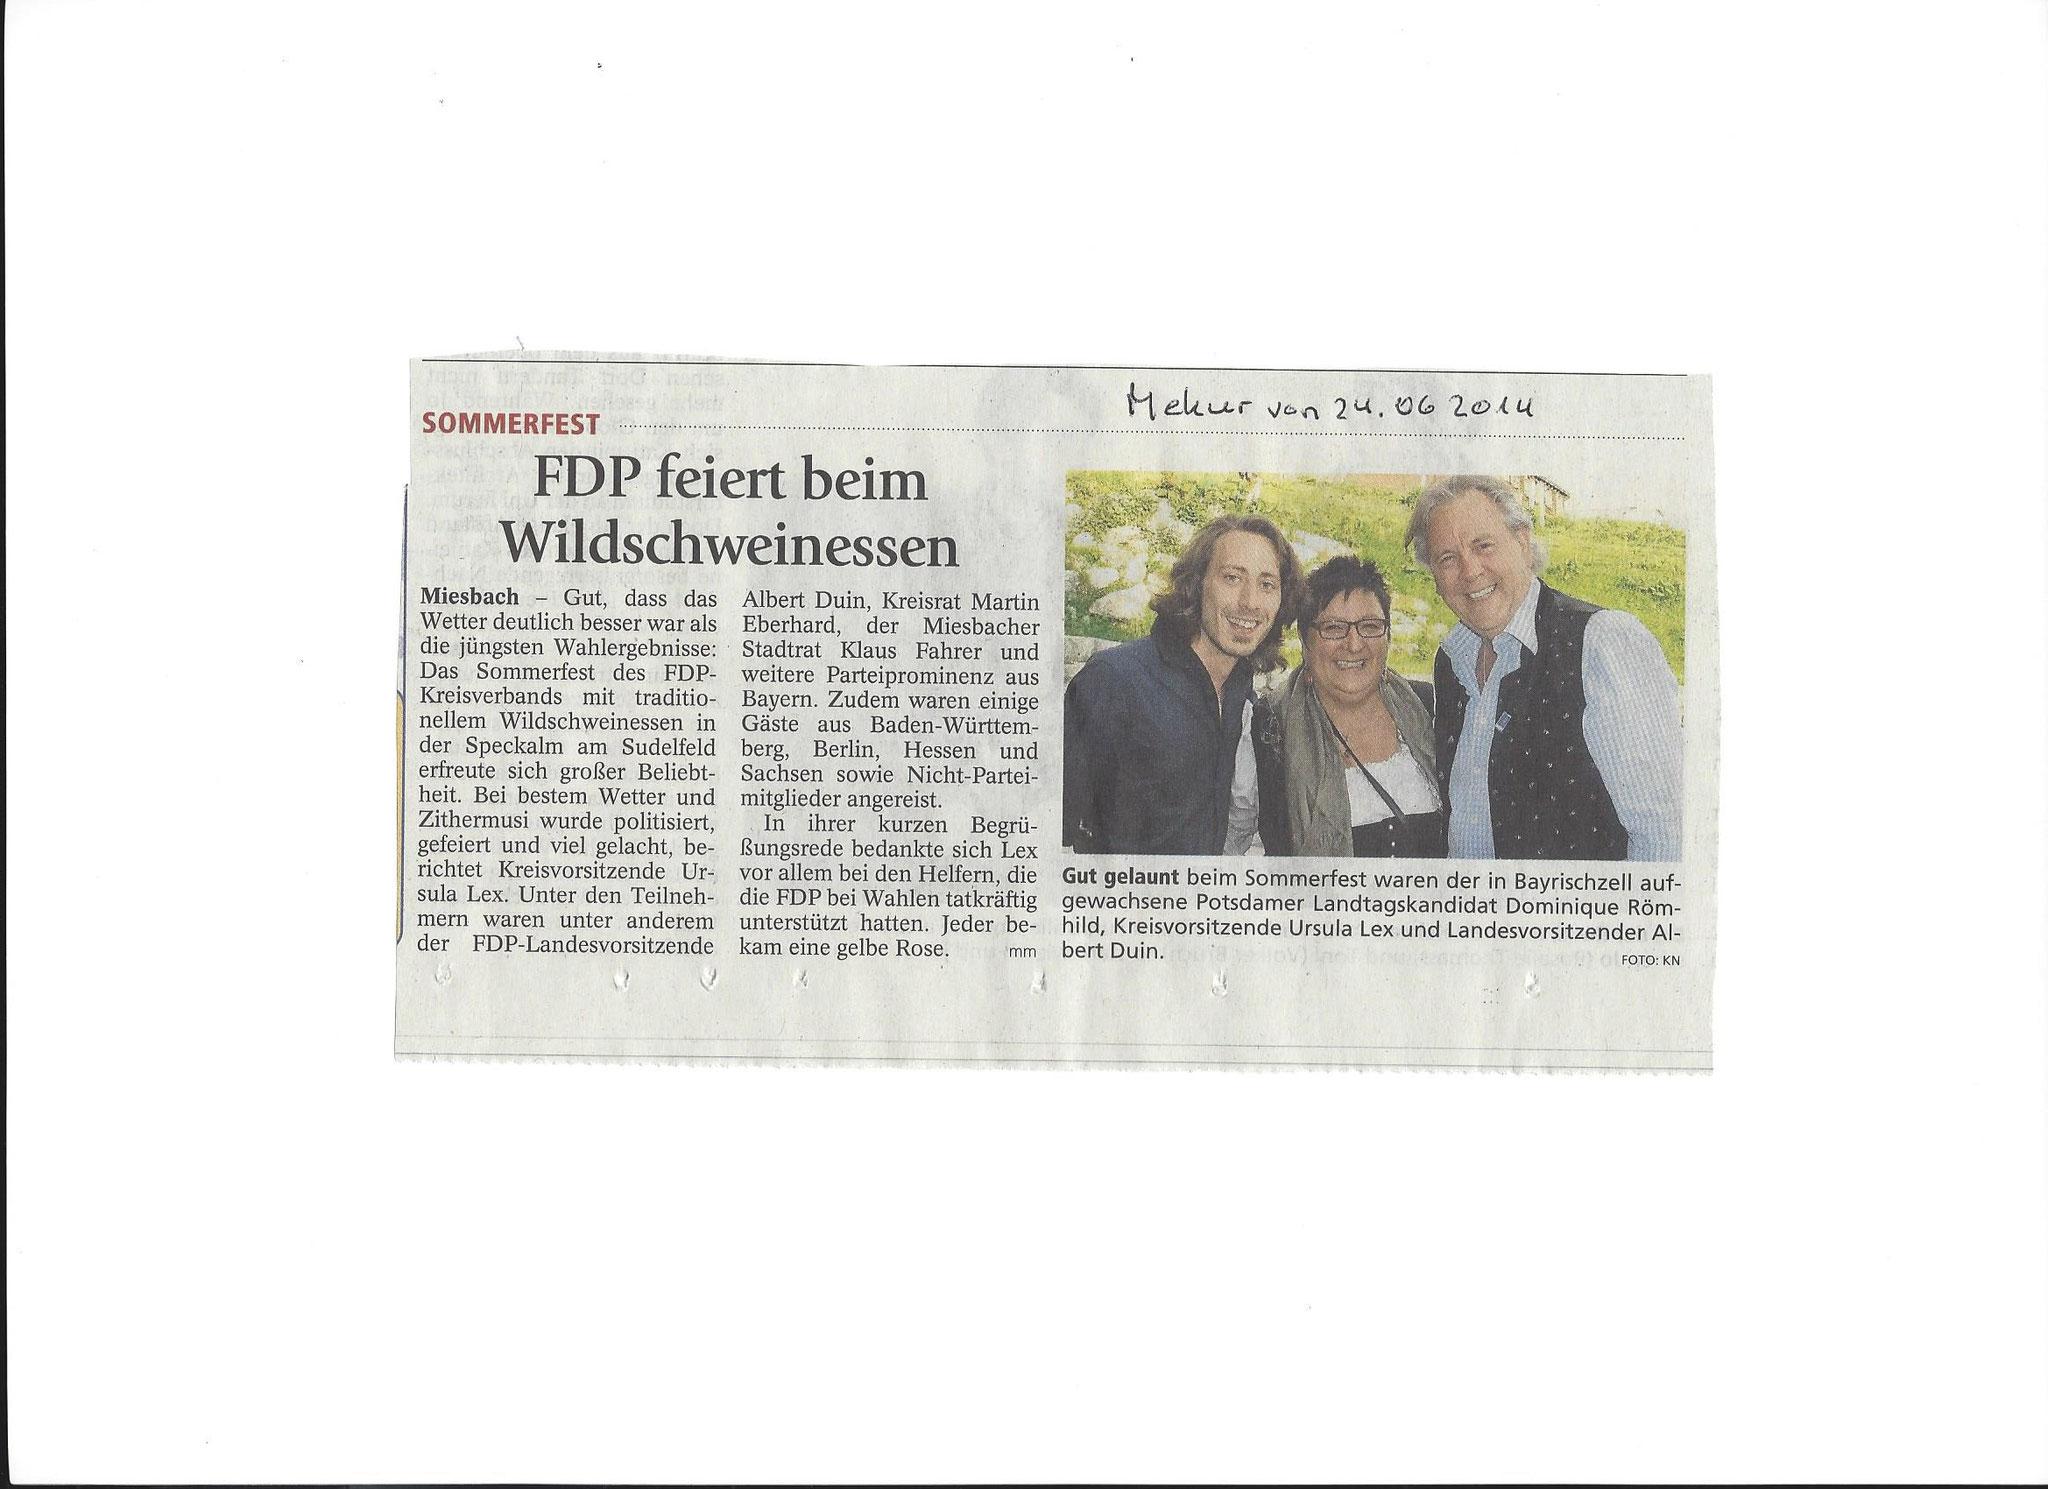 24. Juni 2014: FDP feiert beim Wildschweinessen (.jpg)